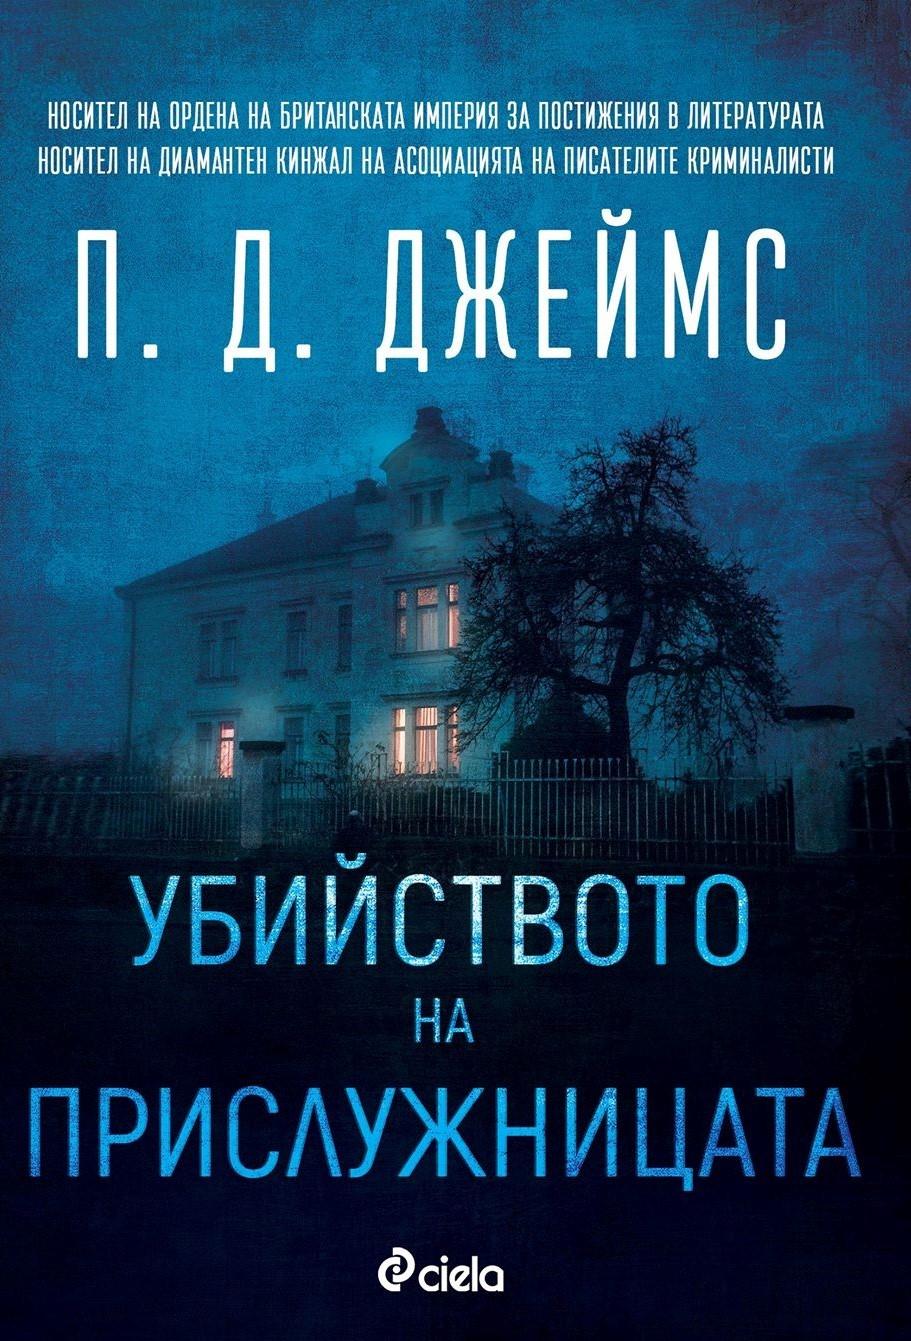 книга Ciela къща